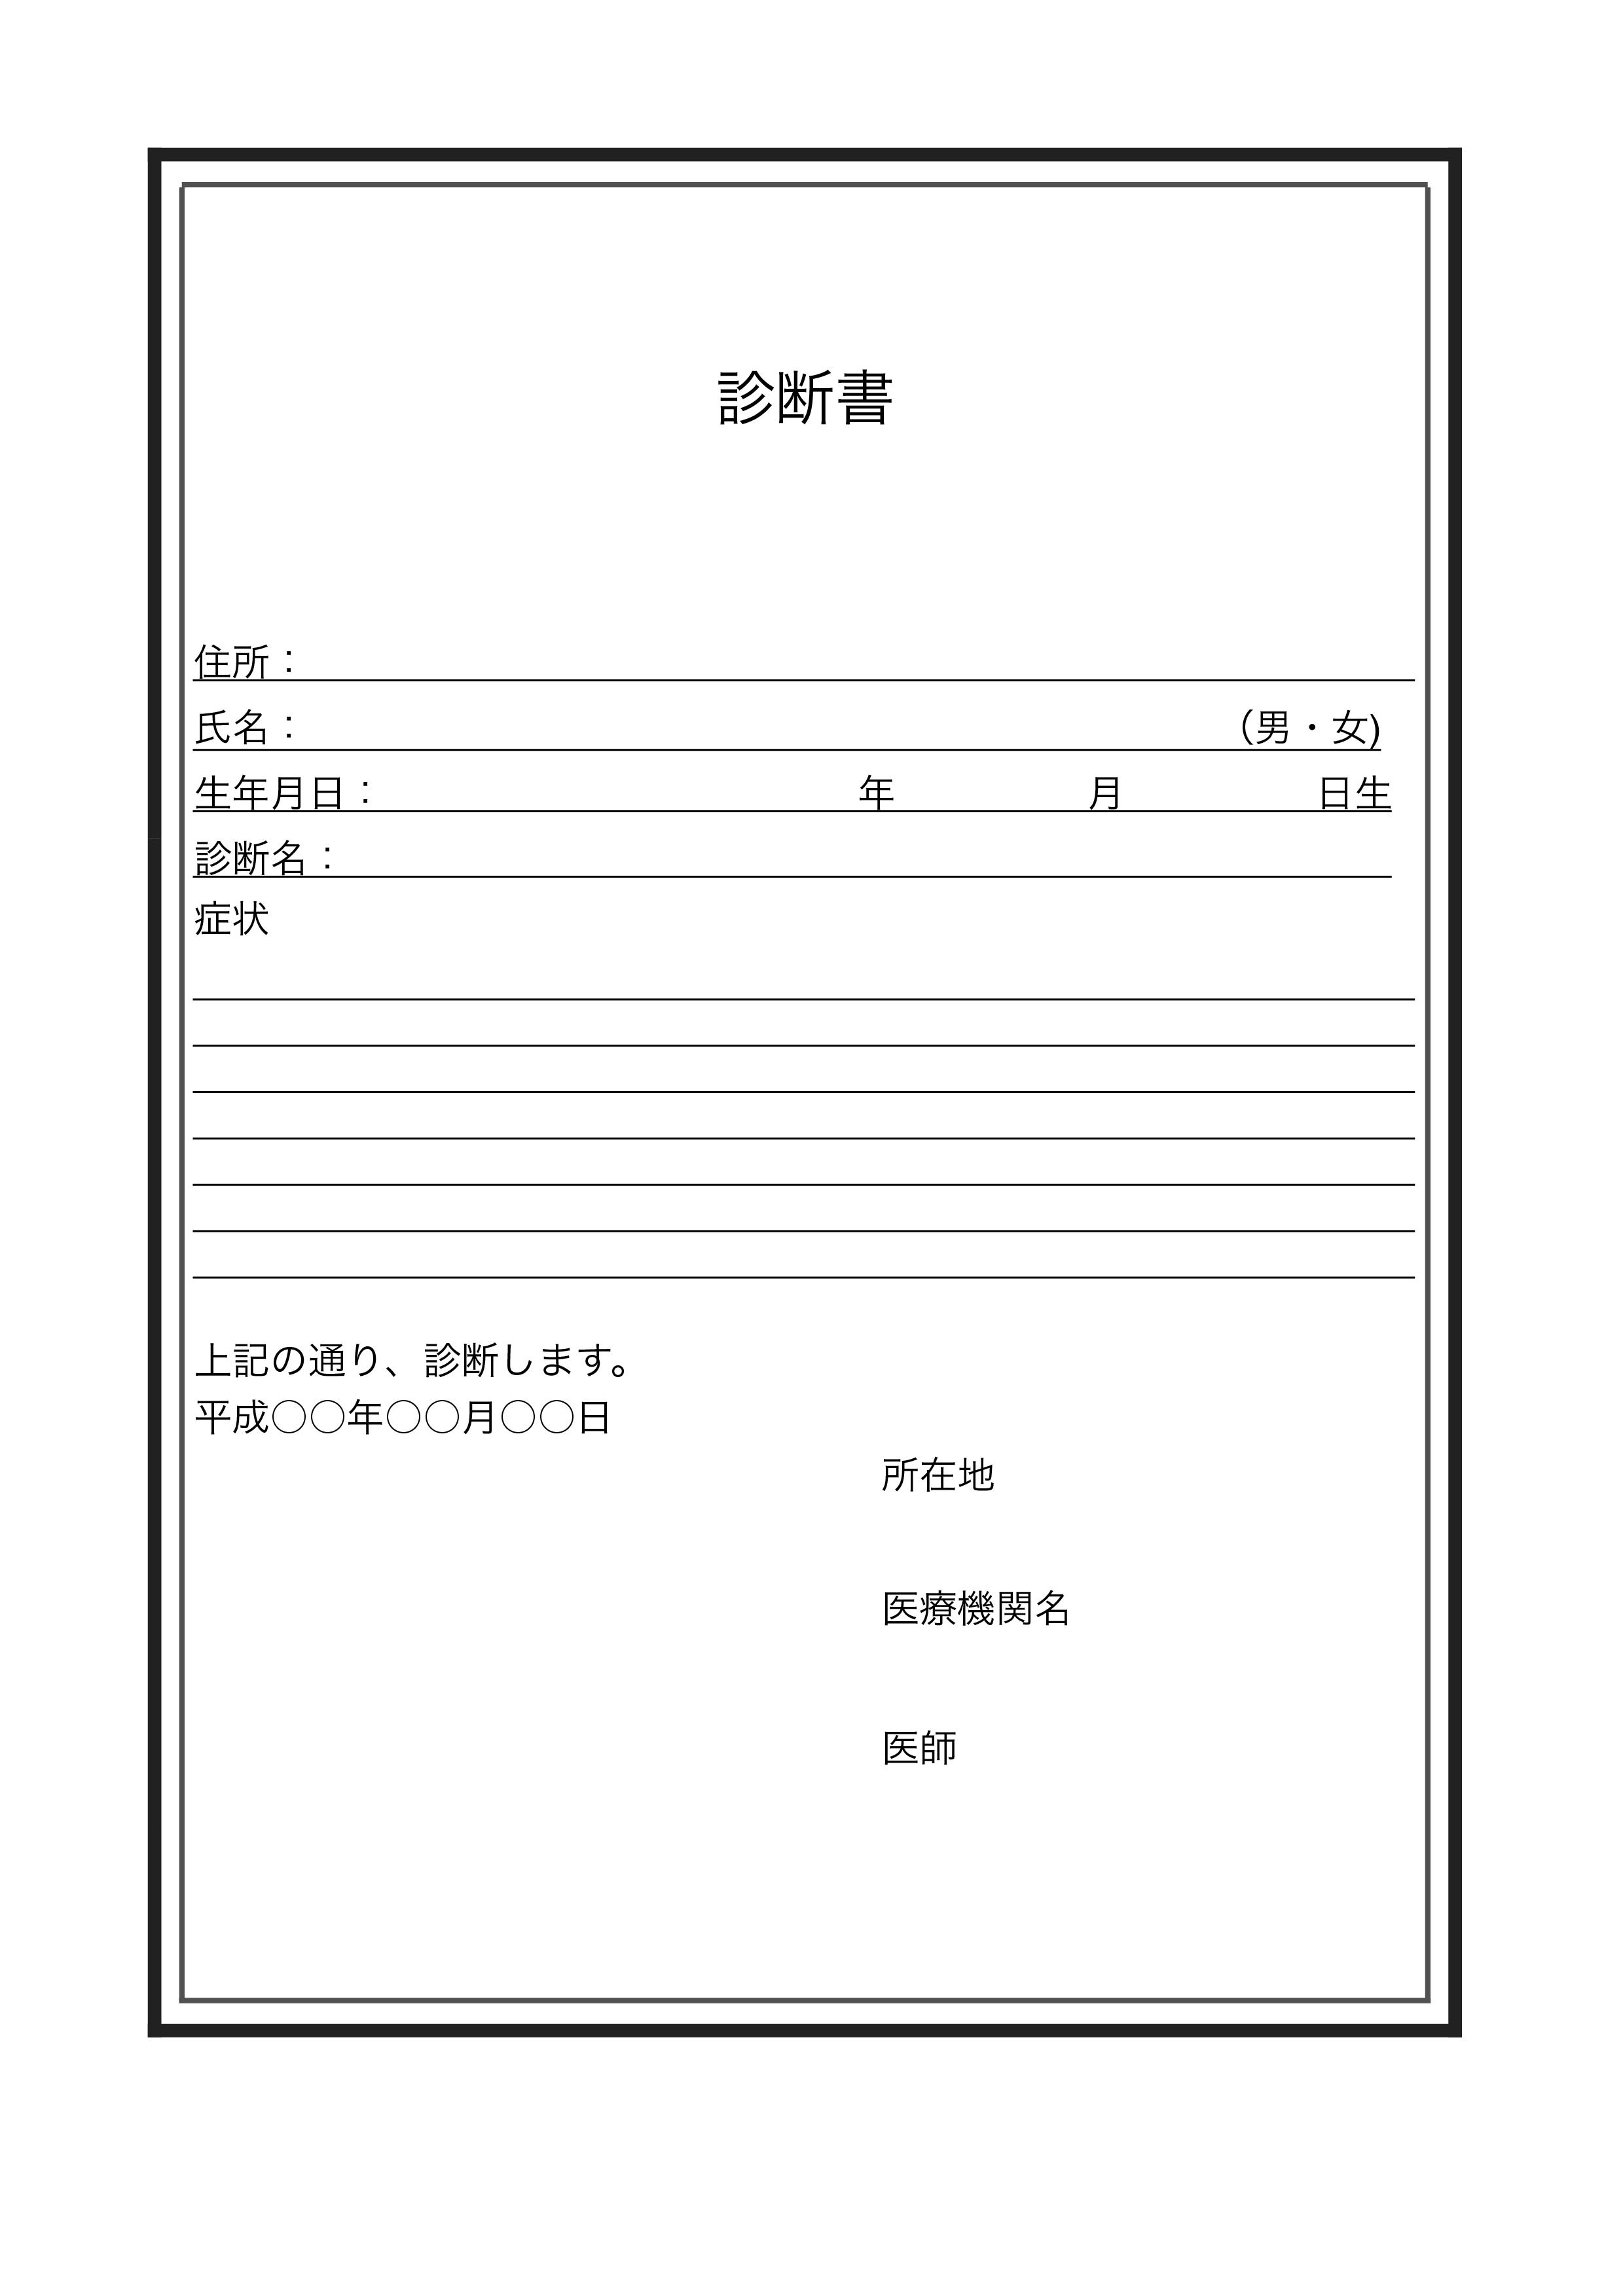 診断書テンプレート(エクセル、ナンバーズ)フォーマルブラック・フレーム